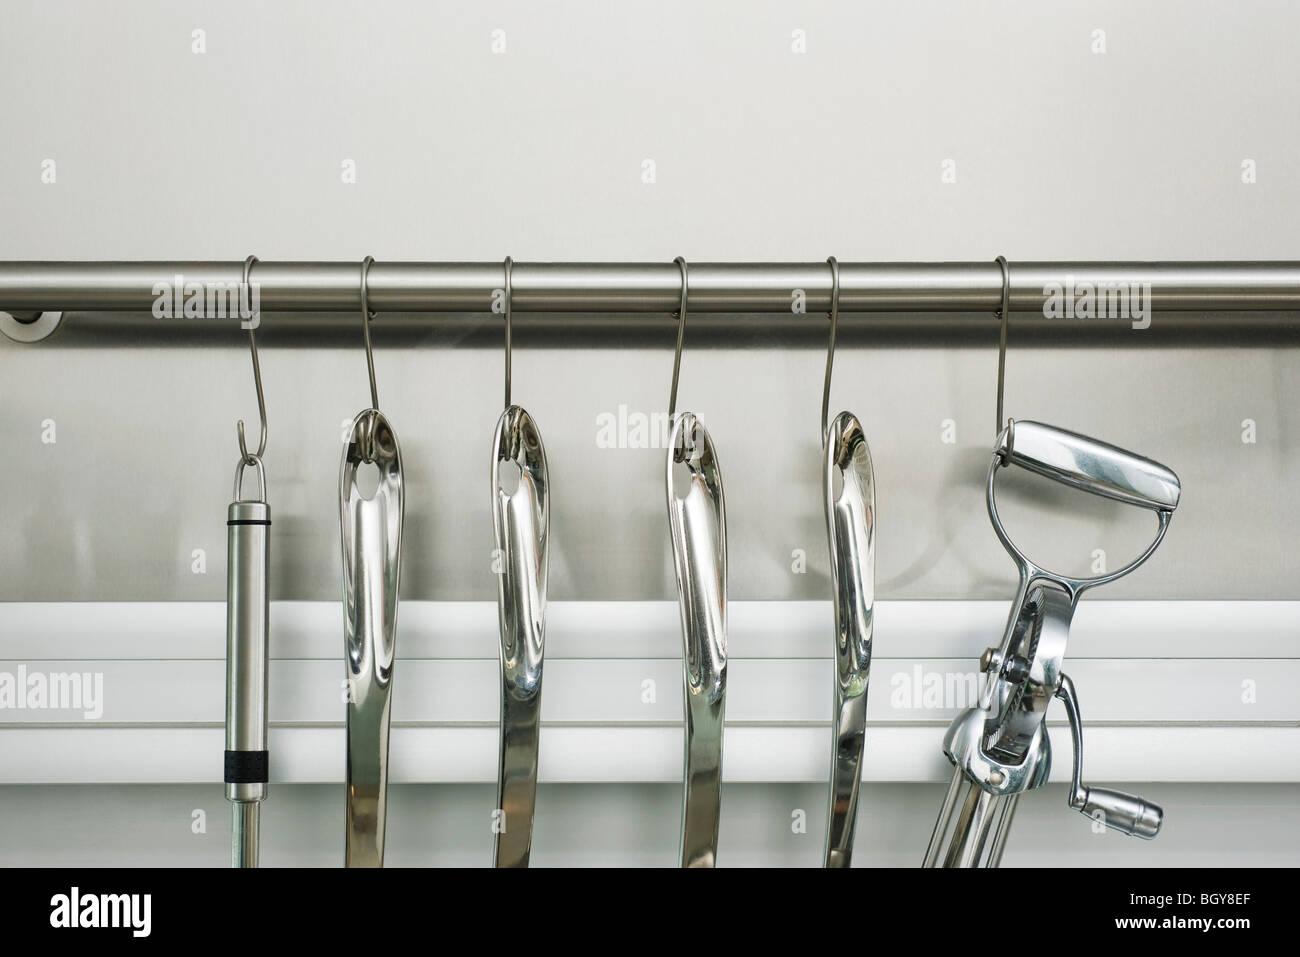 Utensil rack - Stock Image